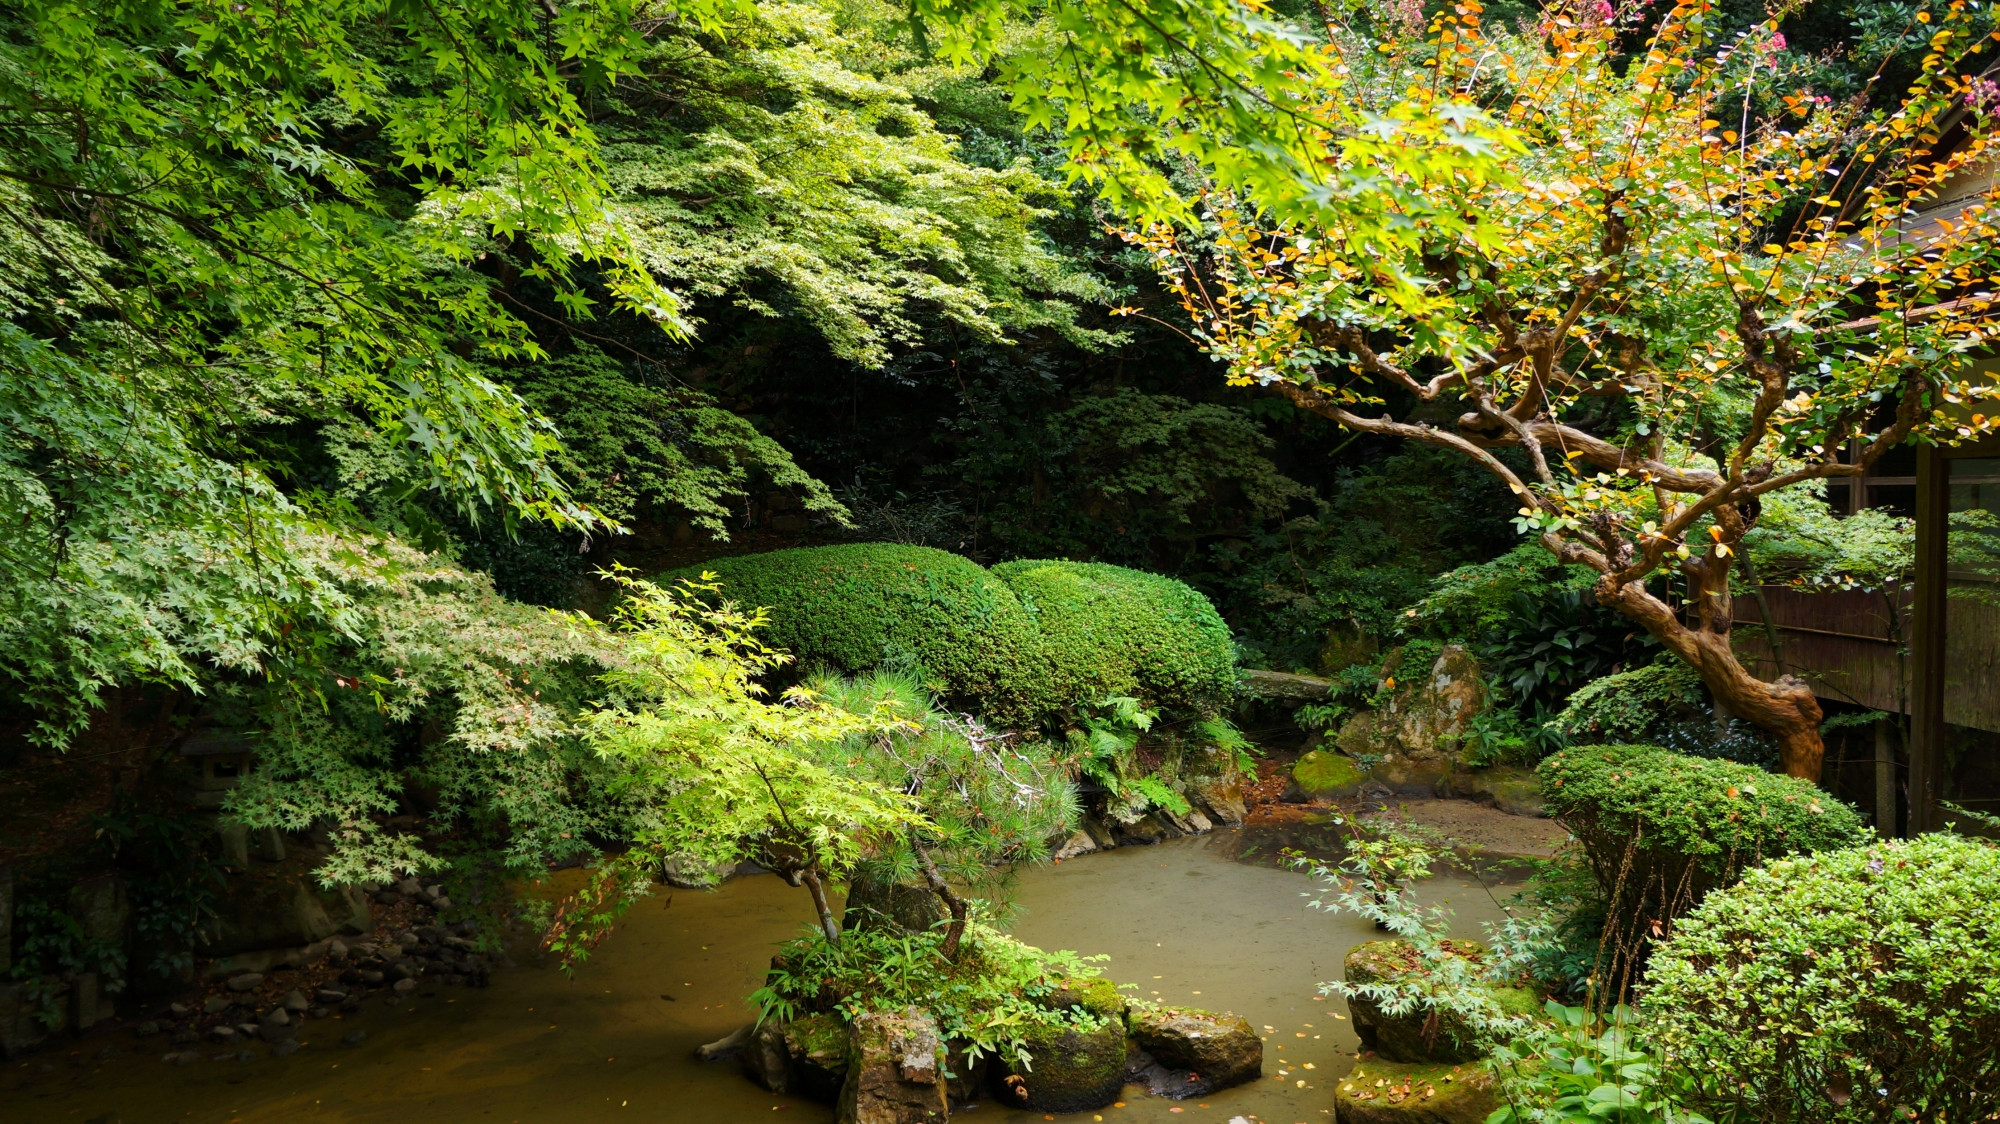 長楽寺 青もみじ 東山の奥にたたずむ静かな緑と庭園